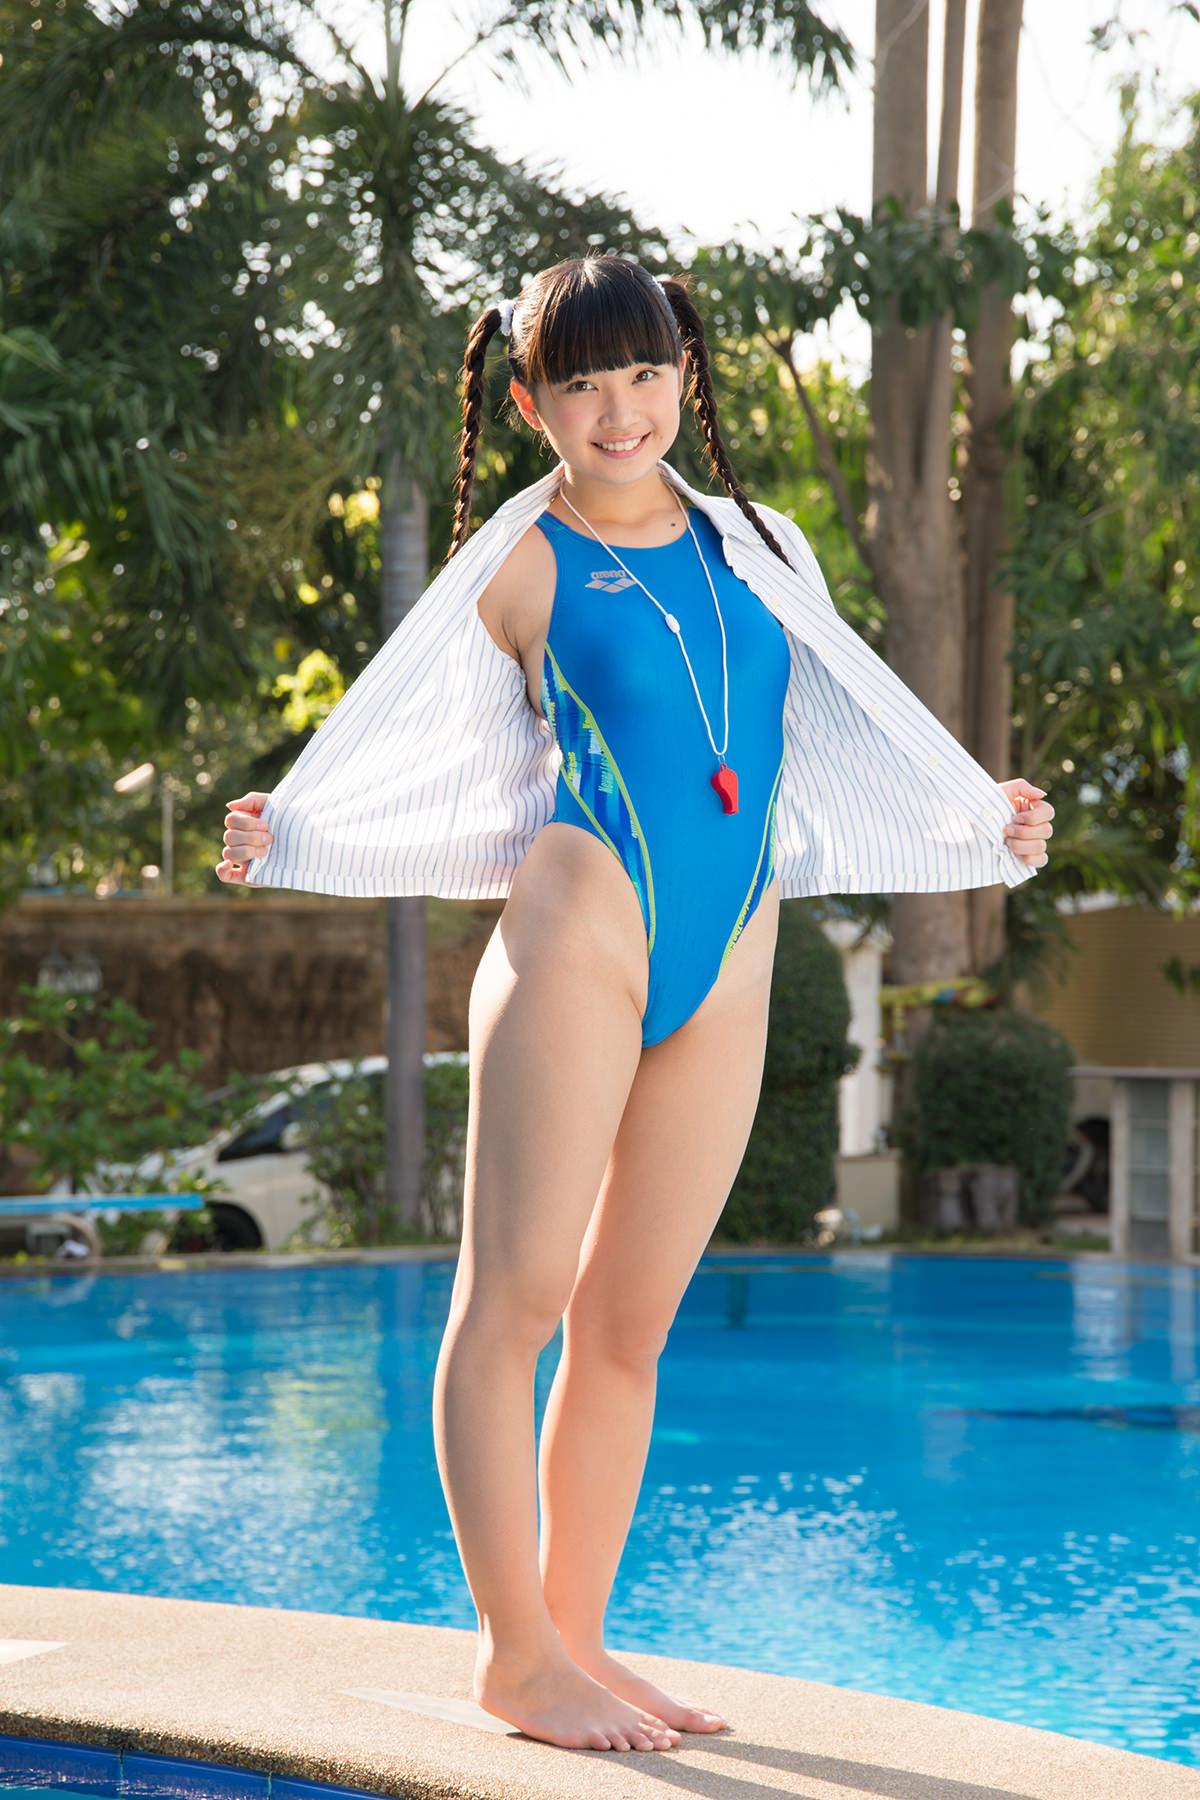 ジュニアアイドル 競泳用水着